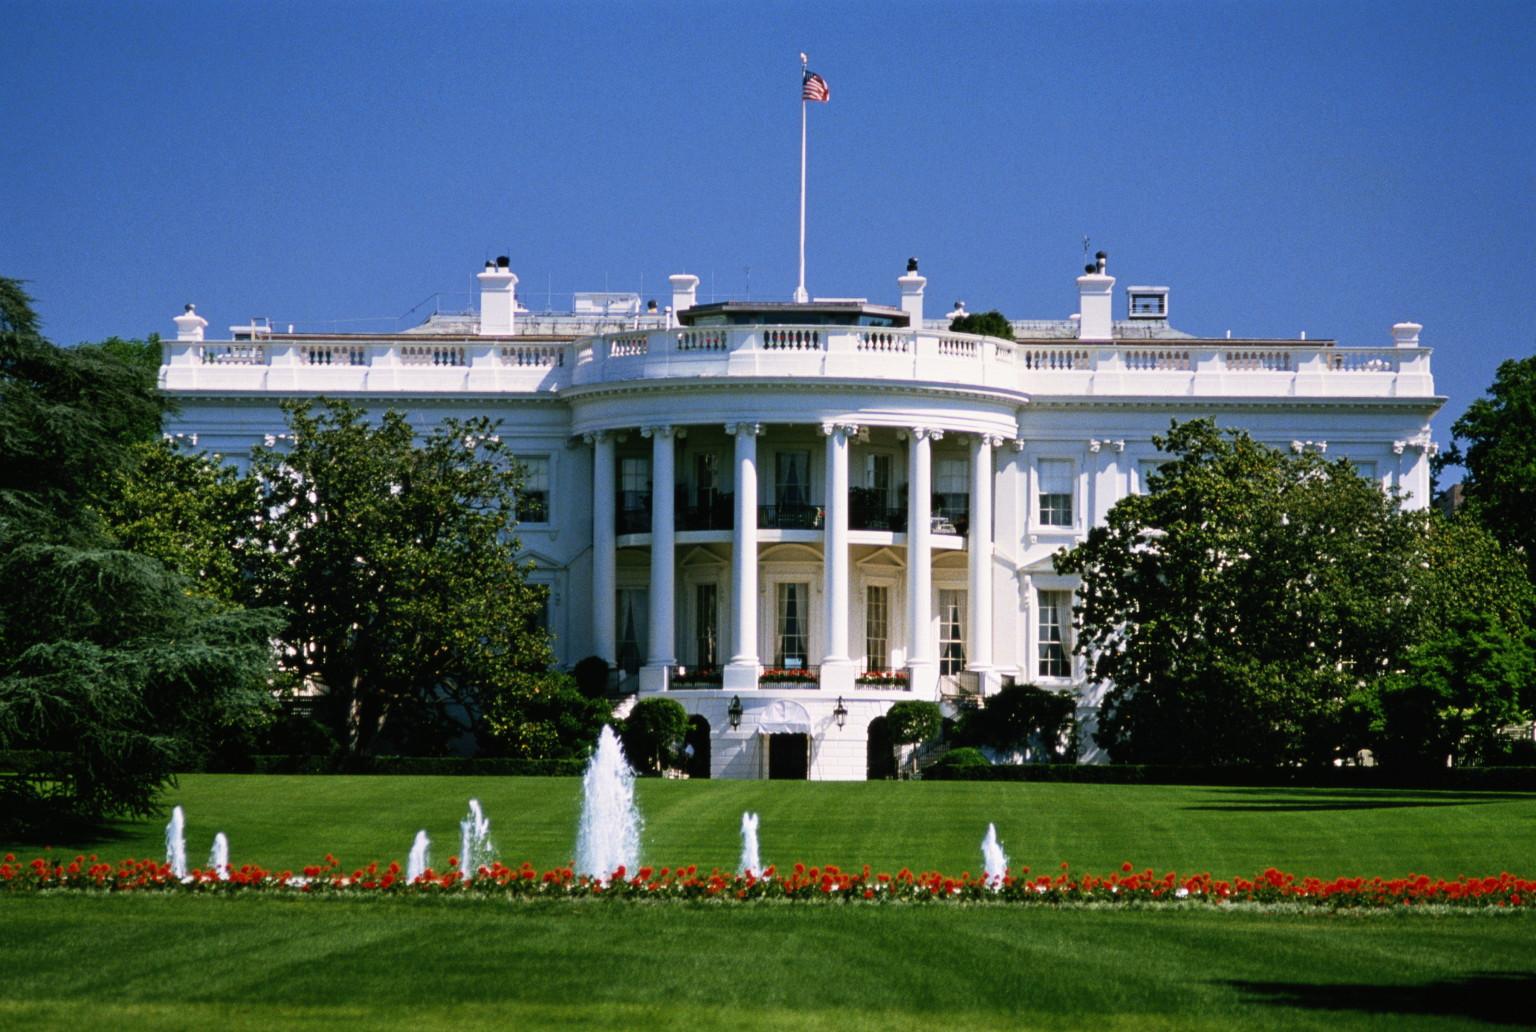 http://i.huffpost.com/gen/1328662/images/o-WHITE-HOUSE-facebook.jpg